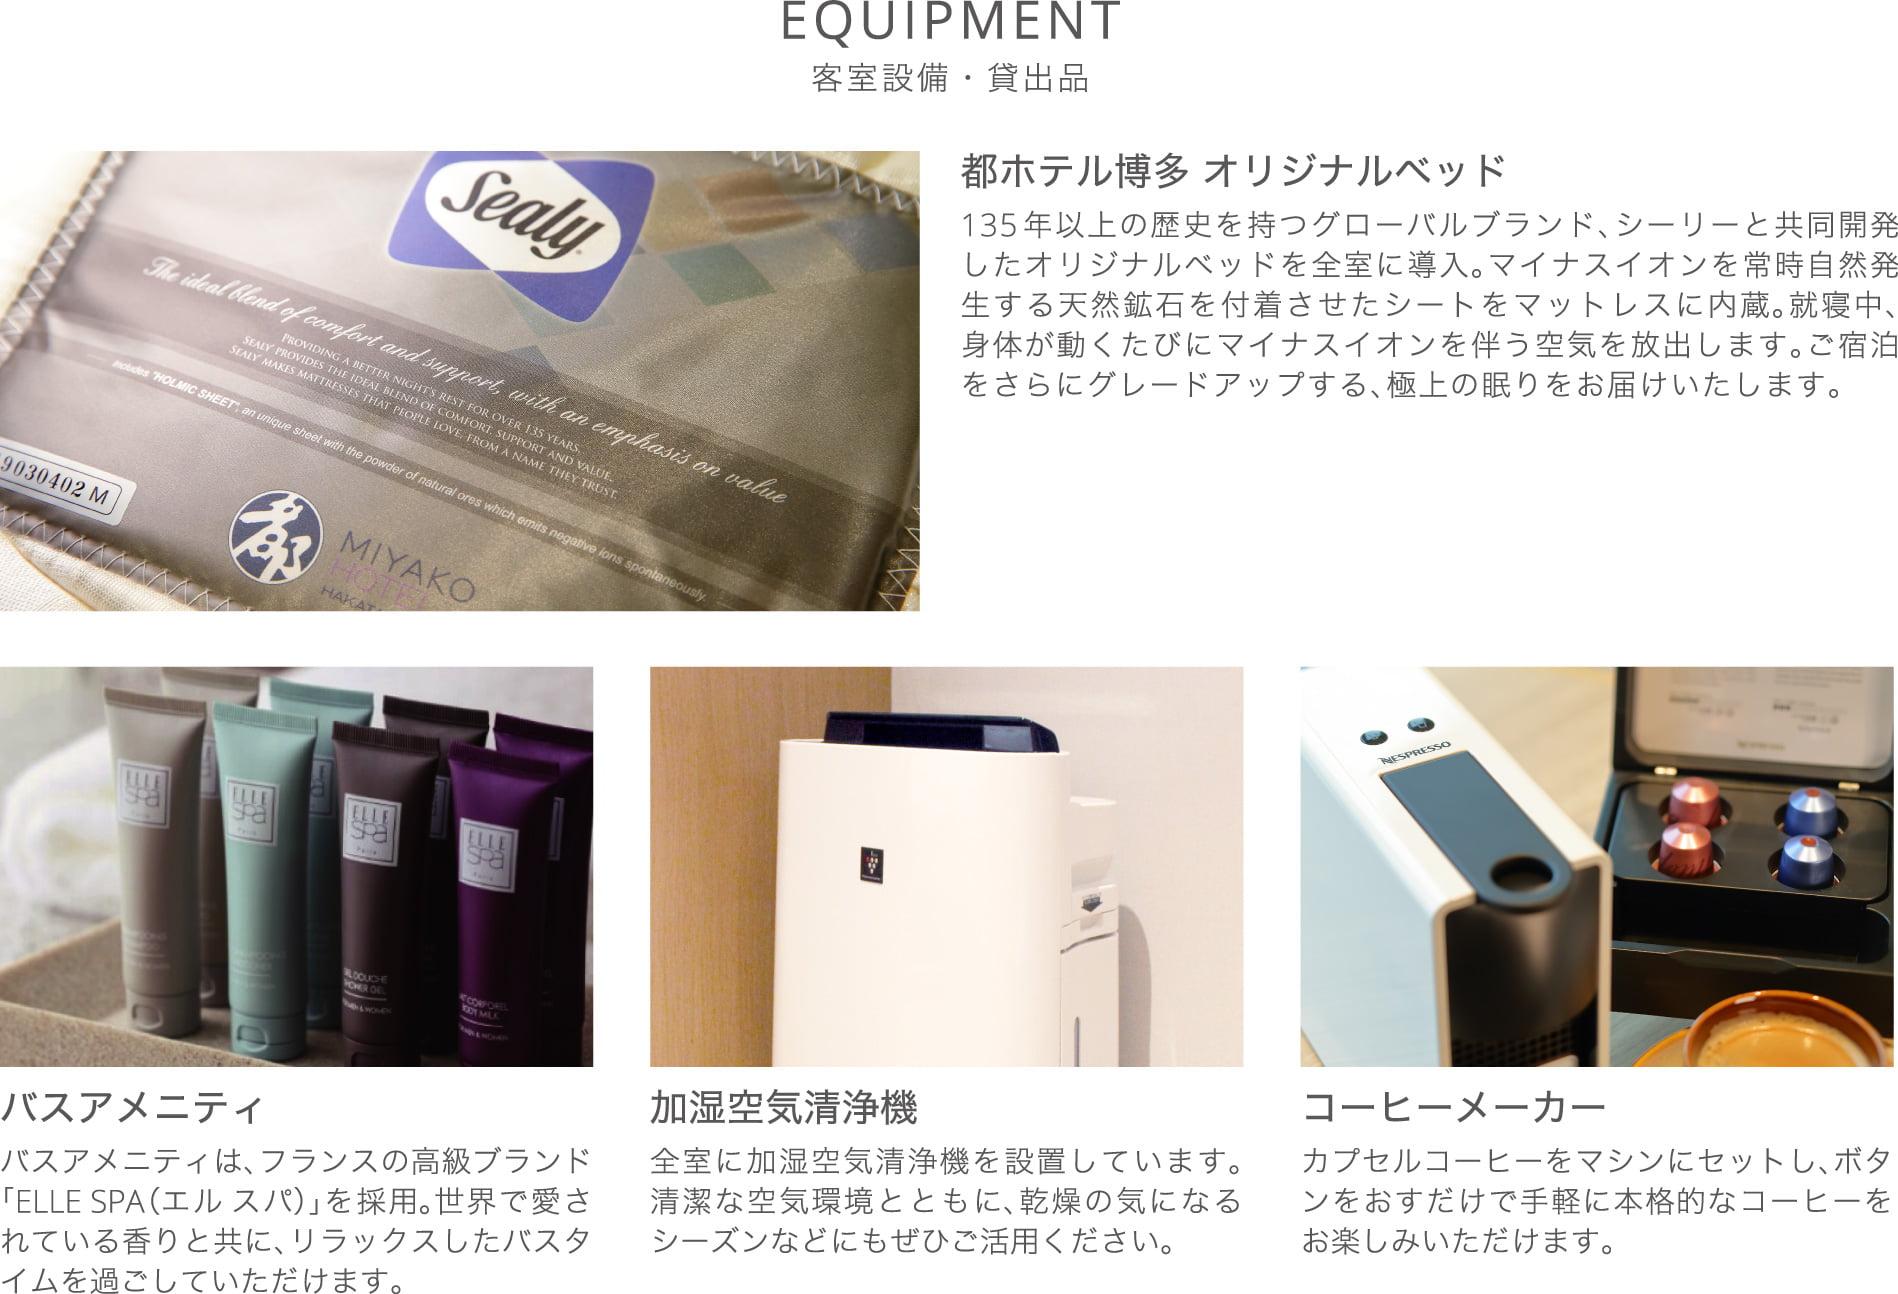 客室設備・貸出品